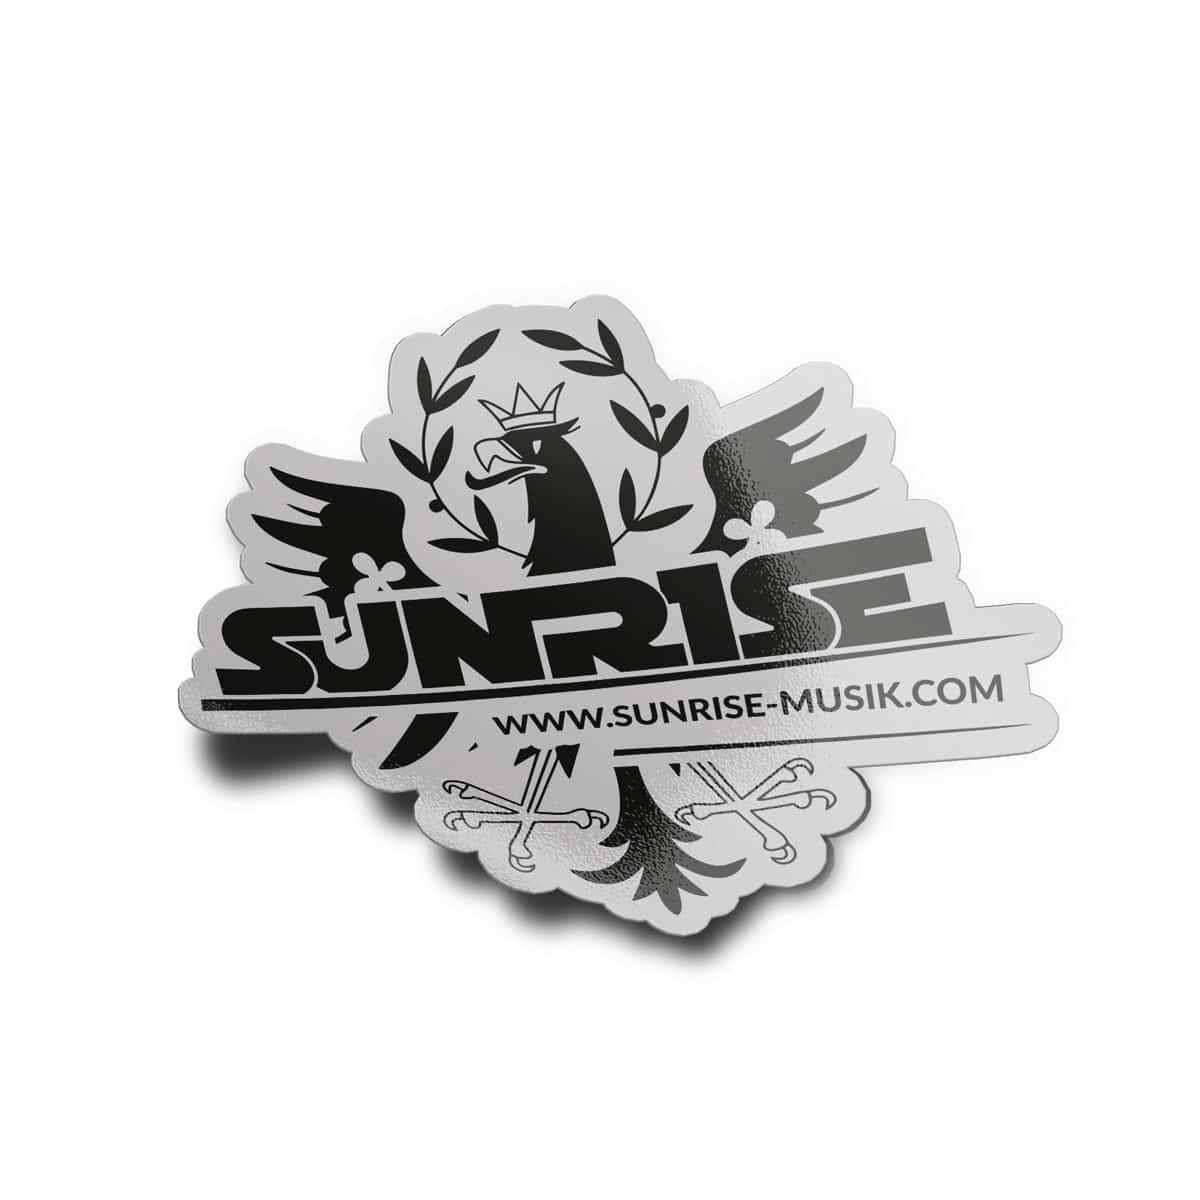 Sunrise Aufkleber Adler Logo silber